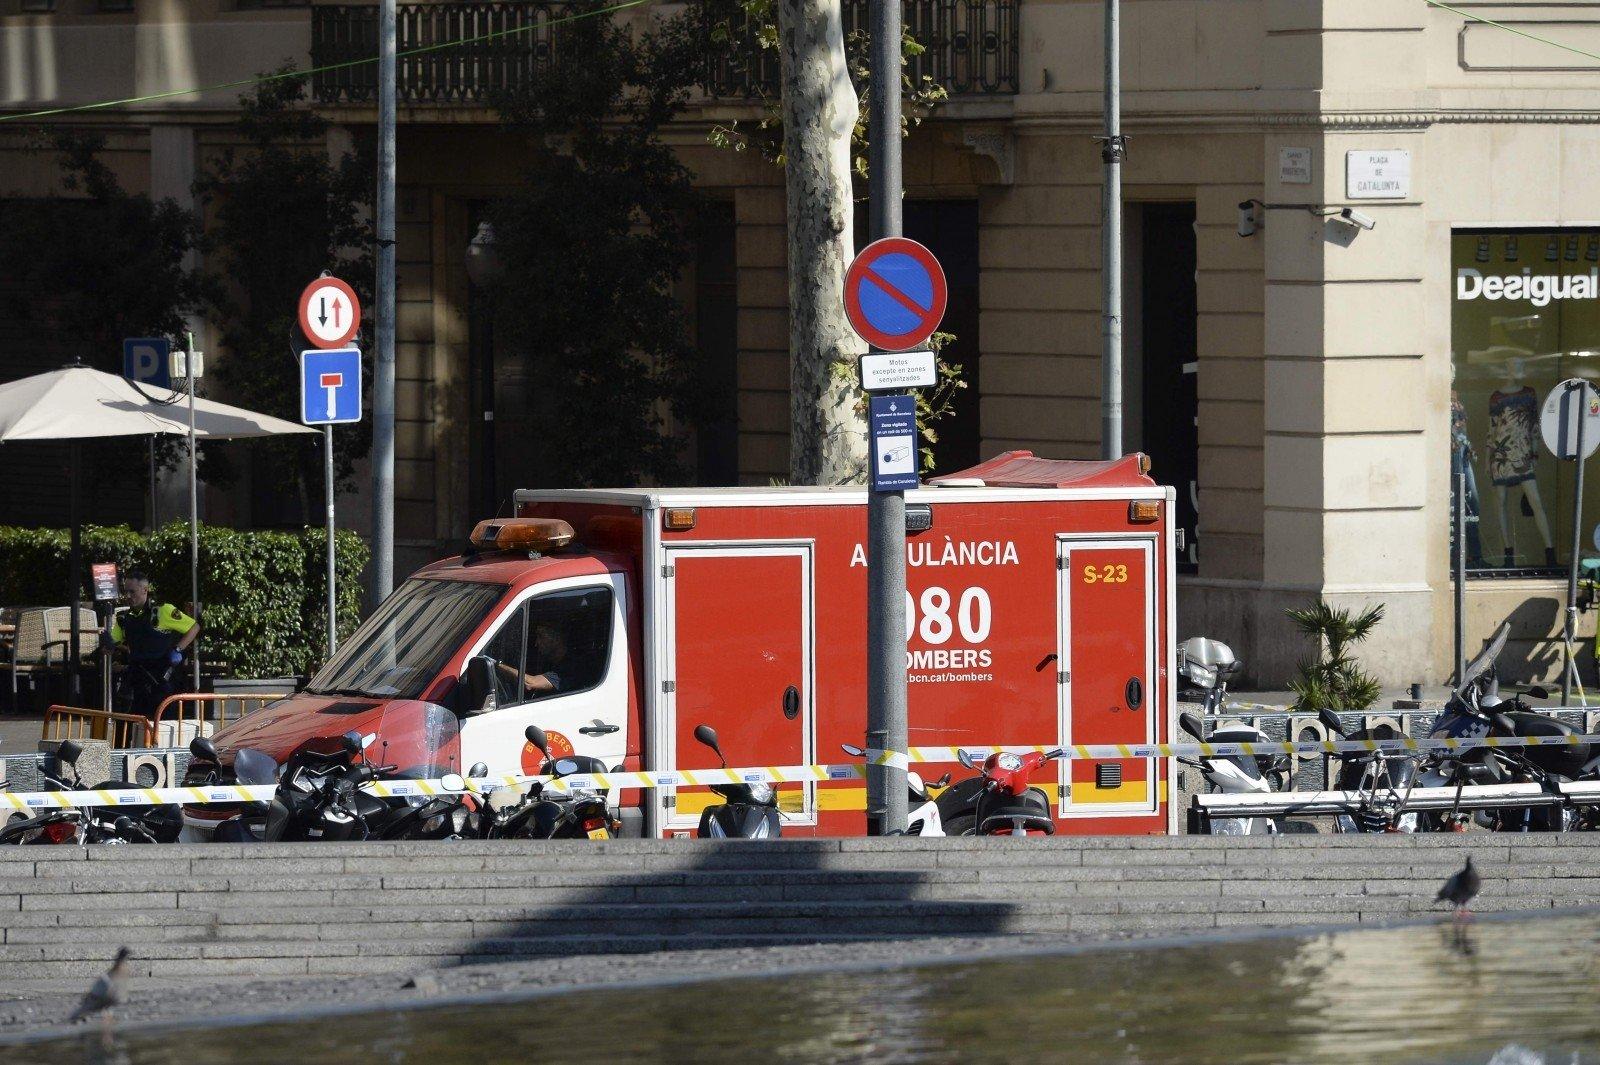 Милиция Каталонии задержала одного изтеррористов вКамбрильсе